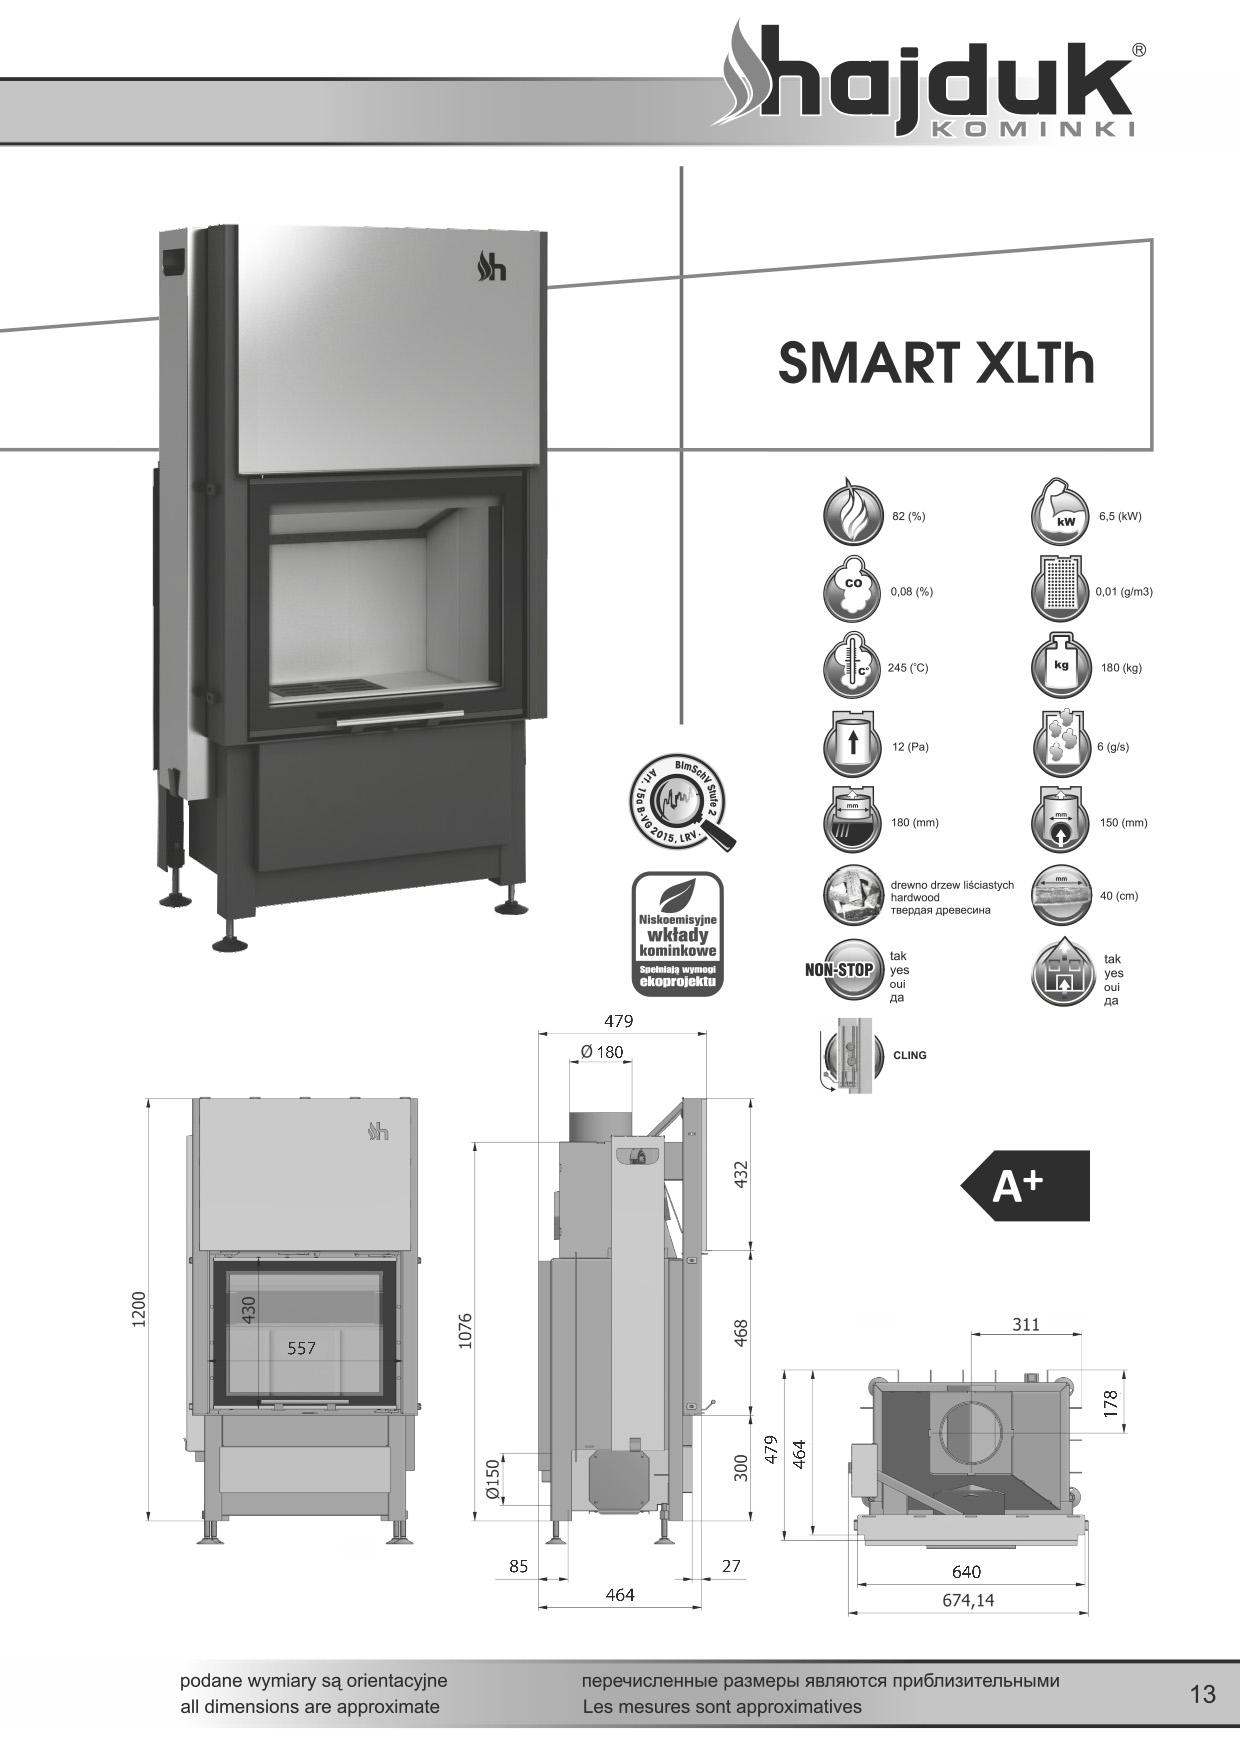 Smart%20XLTh%20 %20karta%20techniczna - Fireplace insert Hajduk Smart XLTh - frameless door